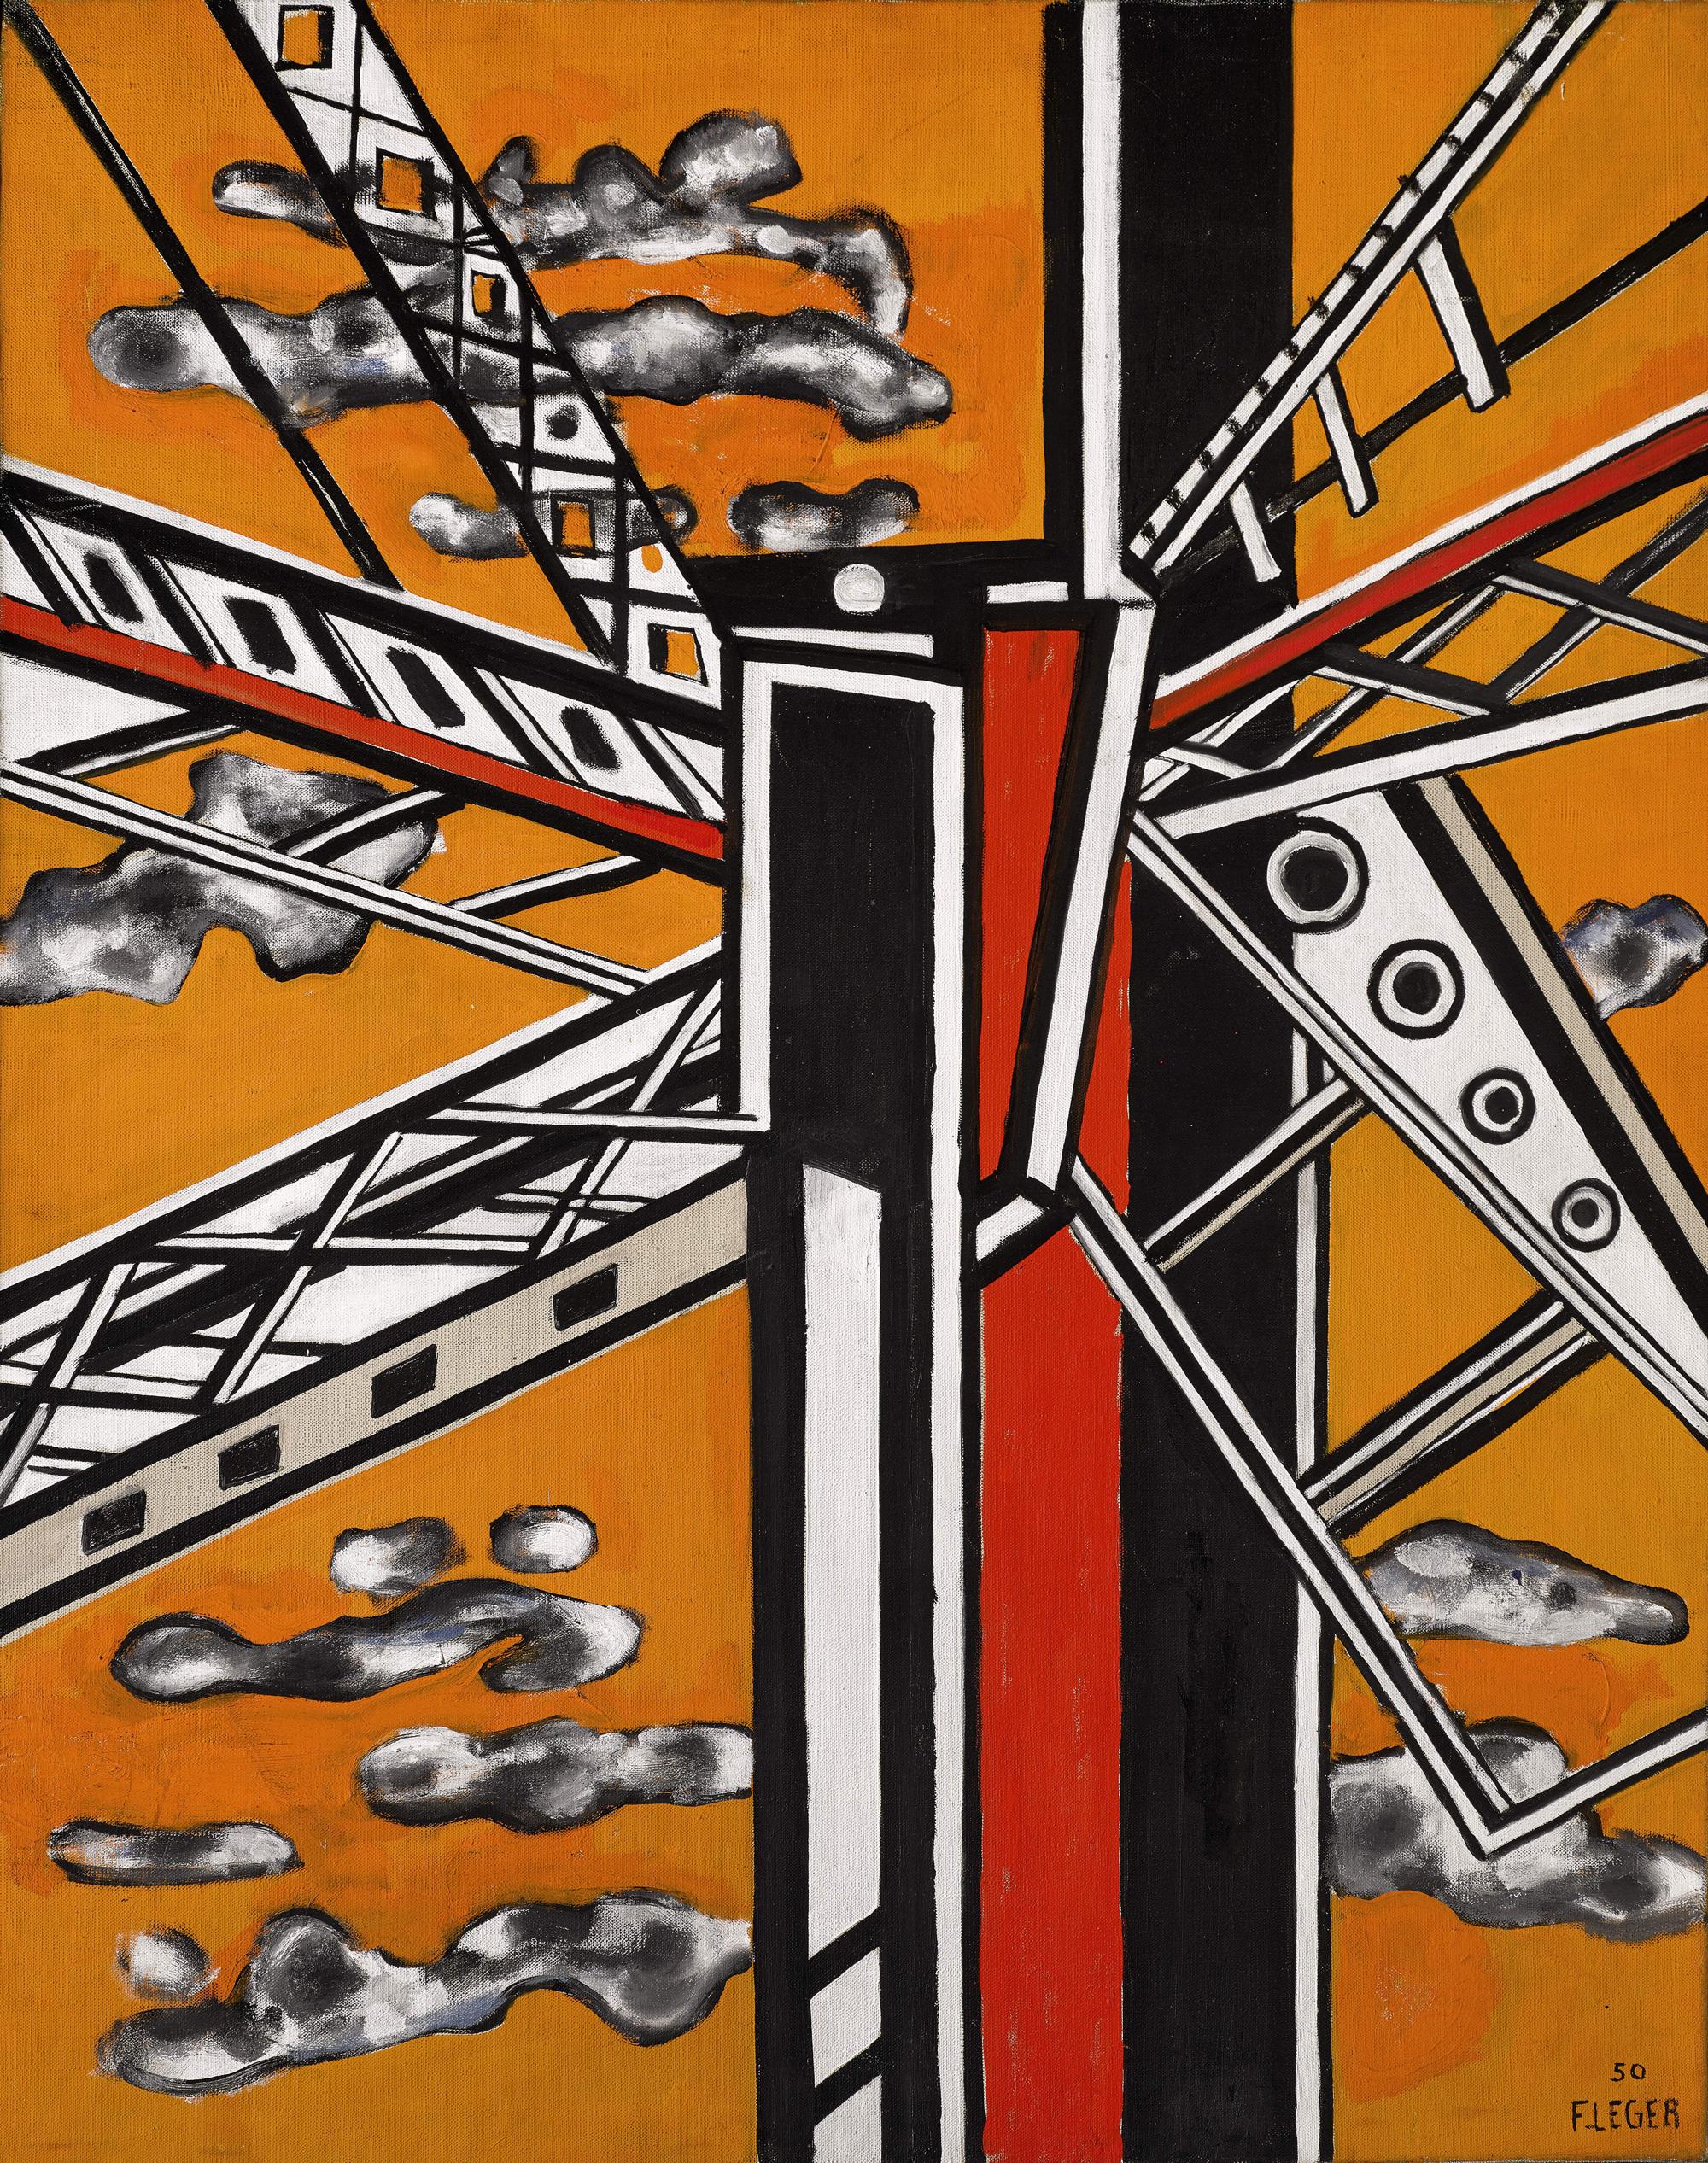 Fernand Léger - Élément Mécanique Sur Fond Jaune